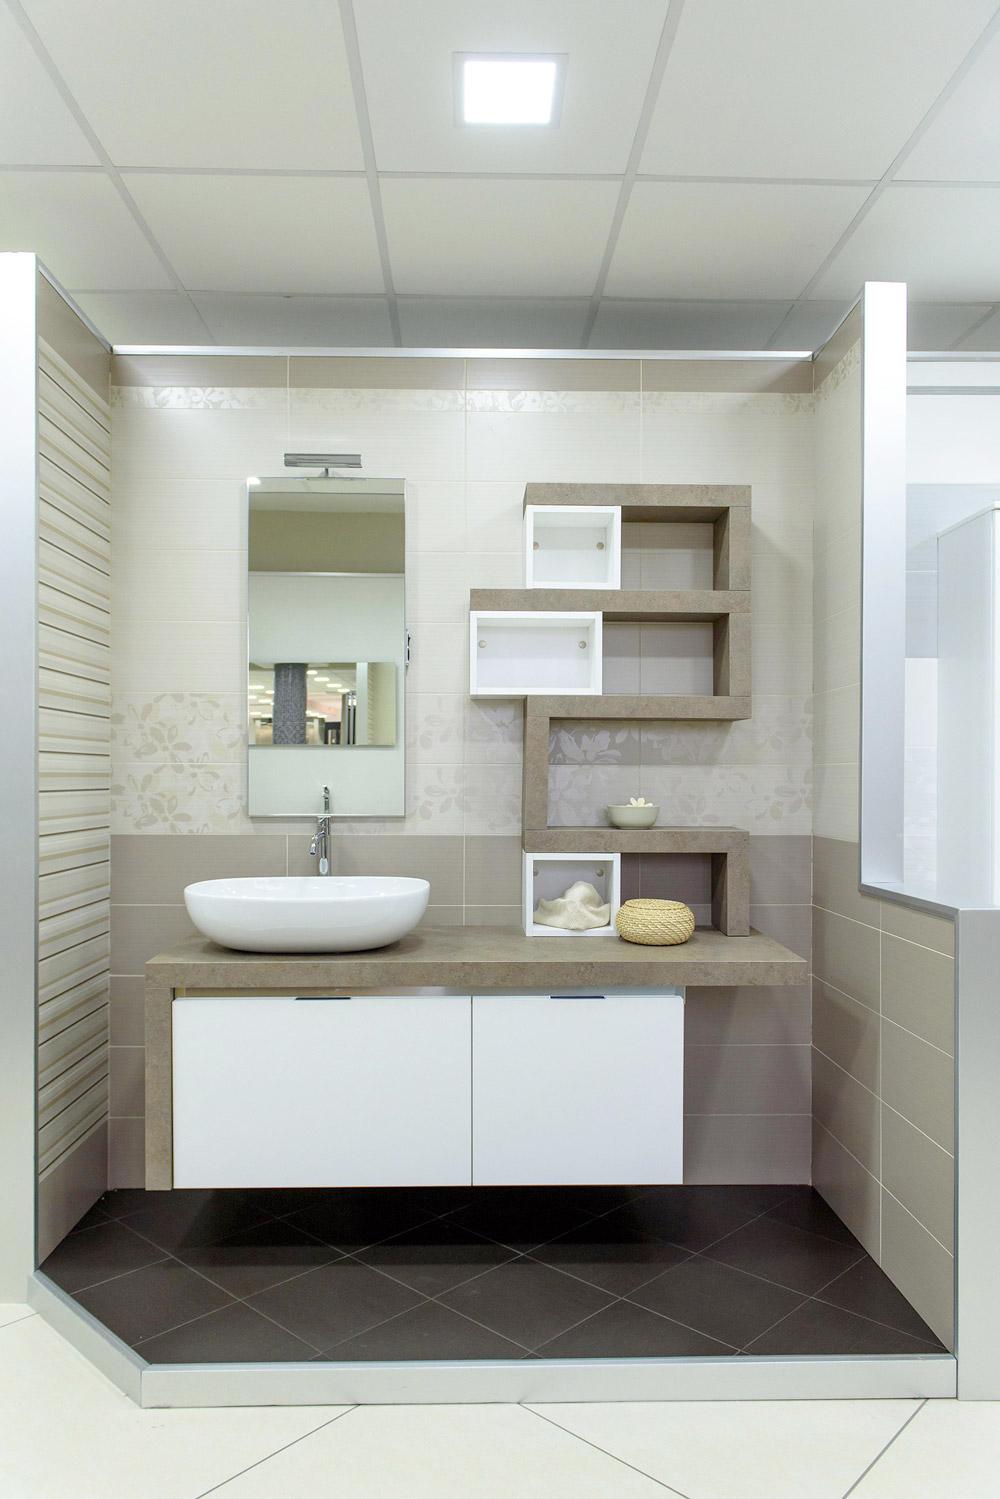 Showroom-miroma-ceramiche-arredobagno-aversa-caserta-napoli-30